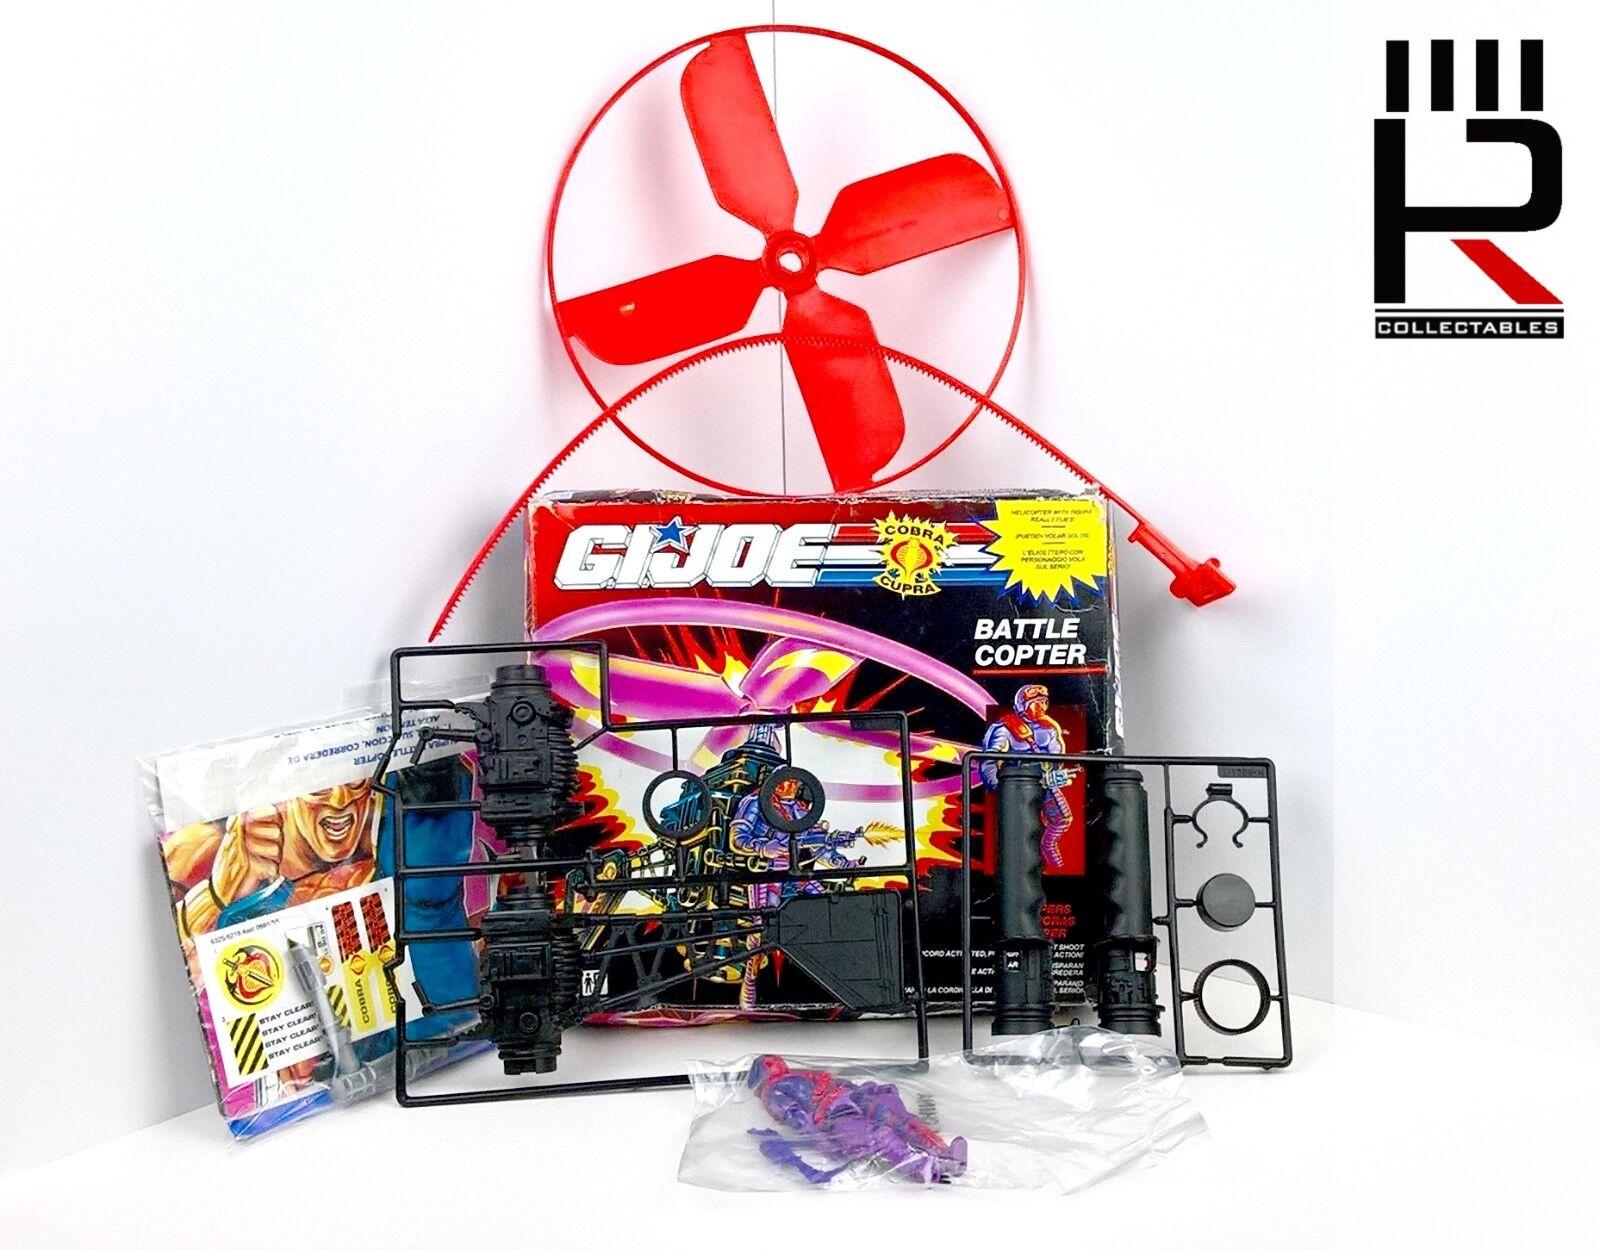 1991 Hasbro G.I. Joe: BATTAGLIA Elicottero & Heli VIPER sigillate Con Box 100% COMPLETO